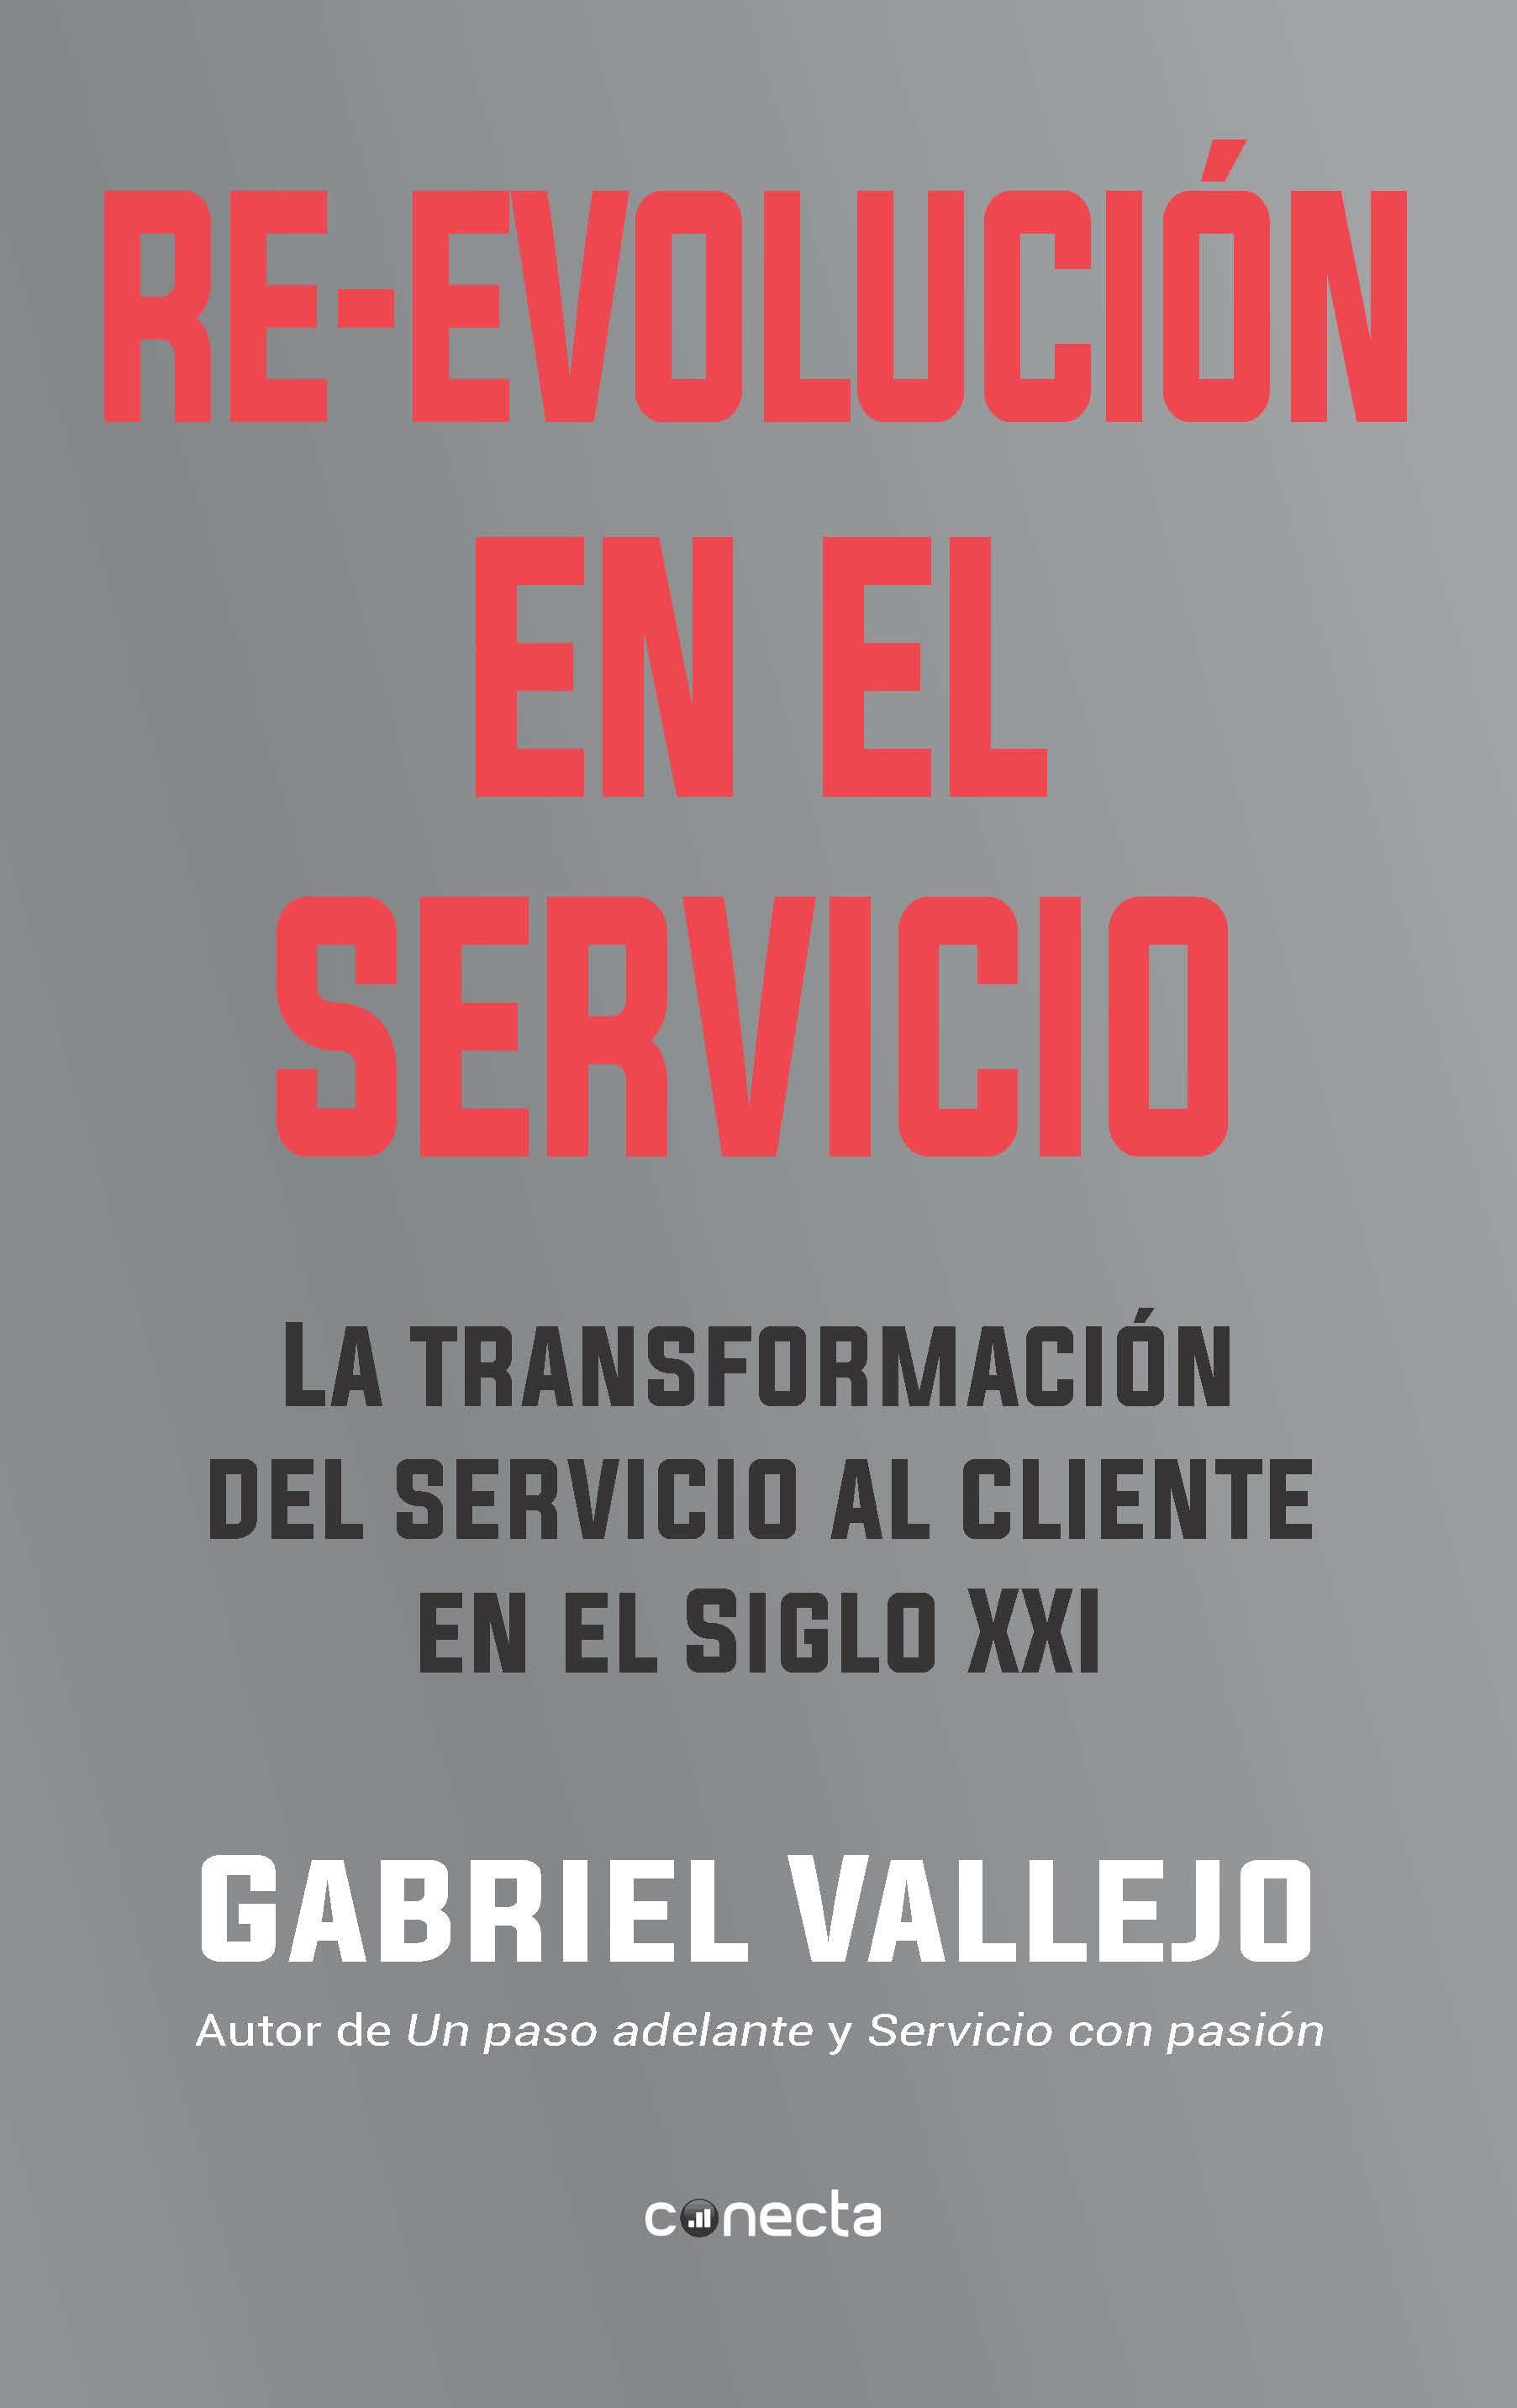 Re-evolución en el servicio